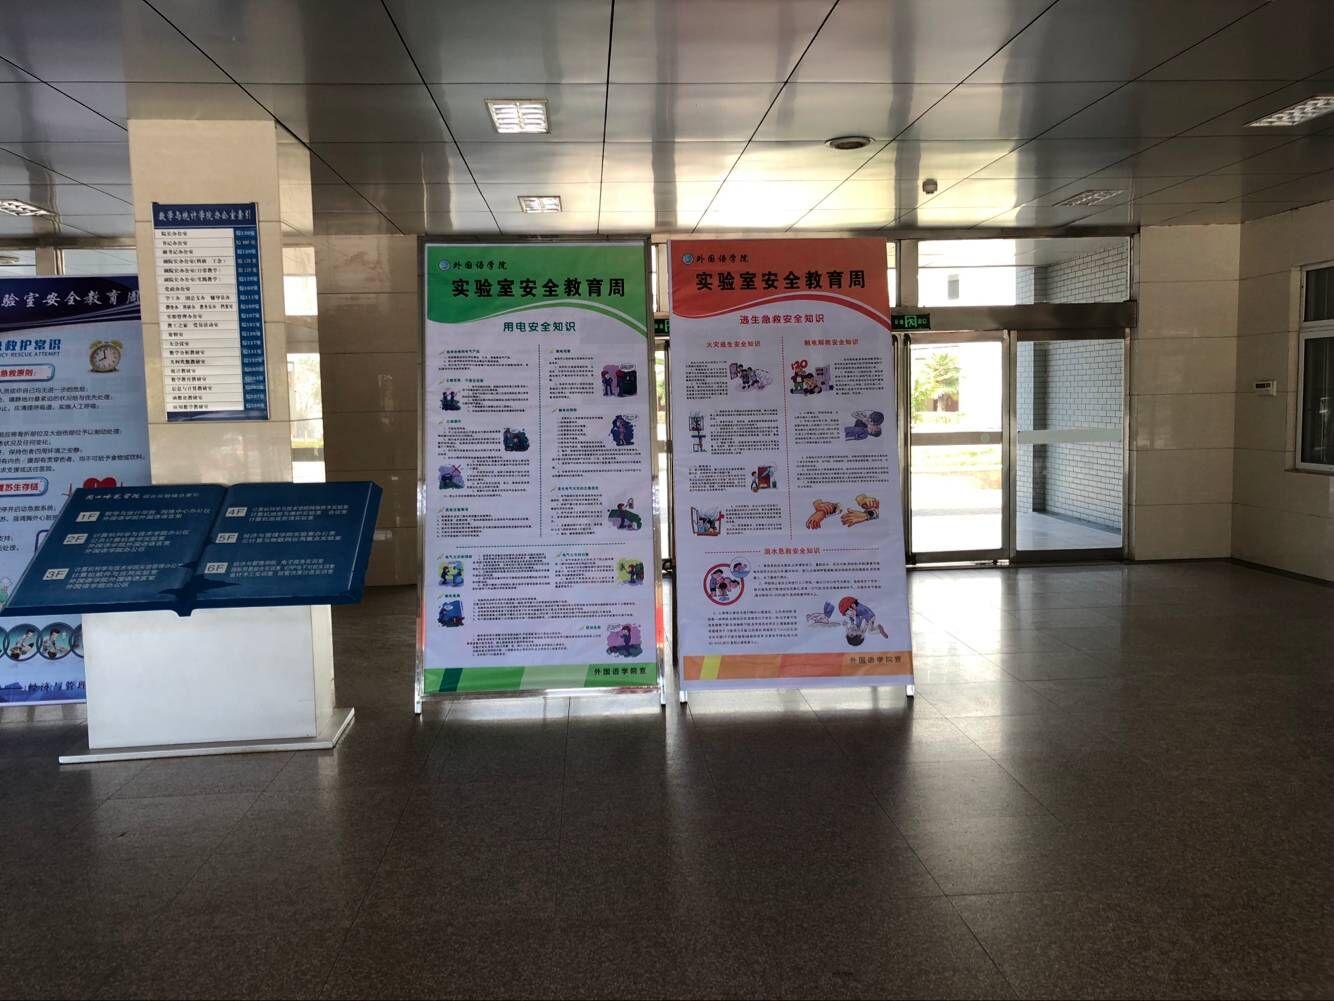 外国语学院开展实验室安全教育周系列活动